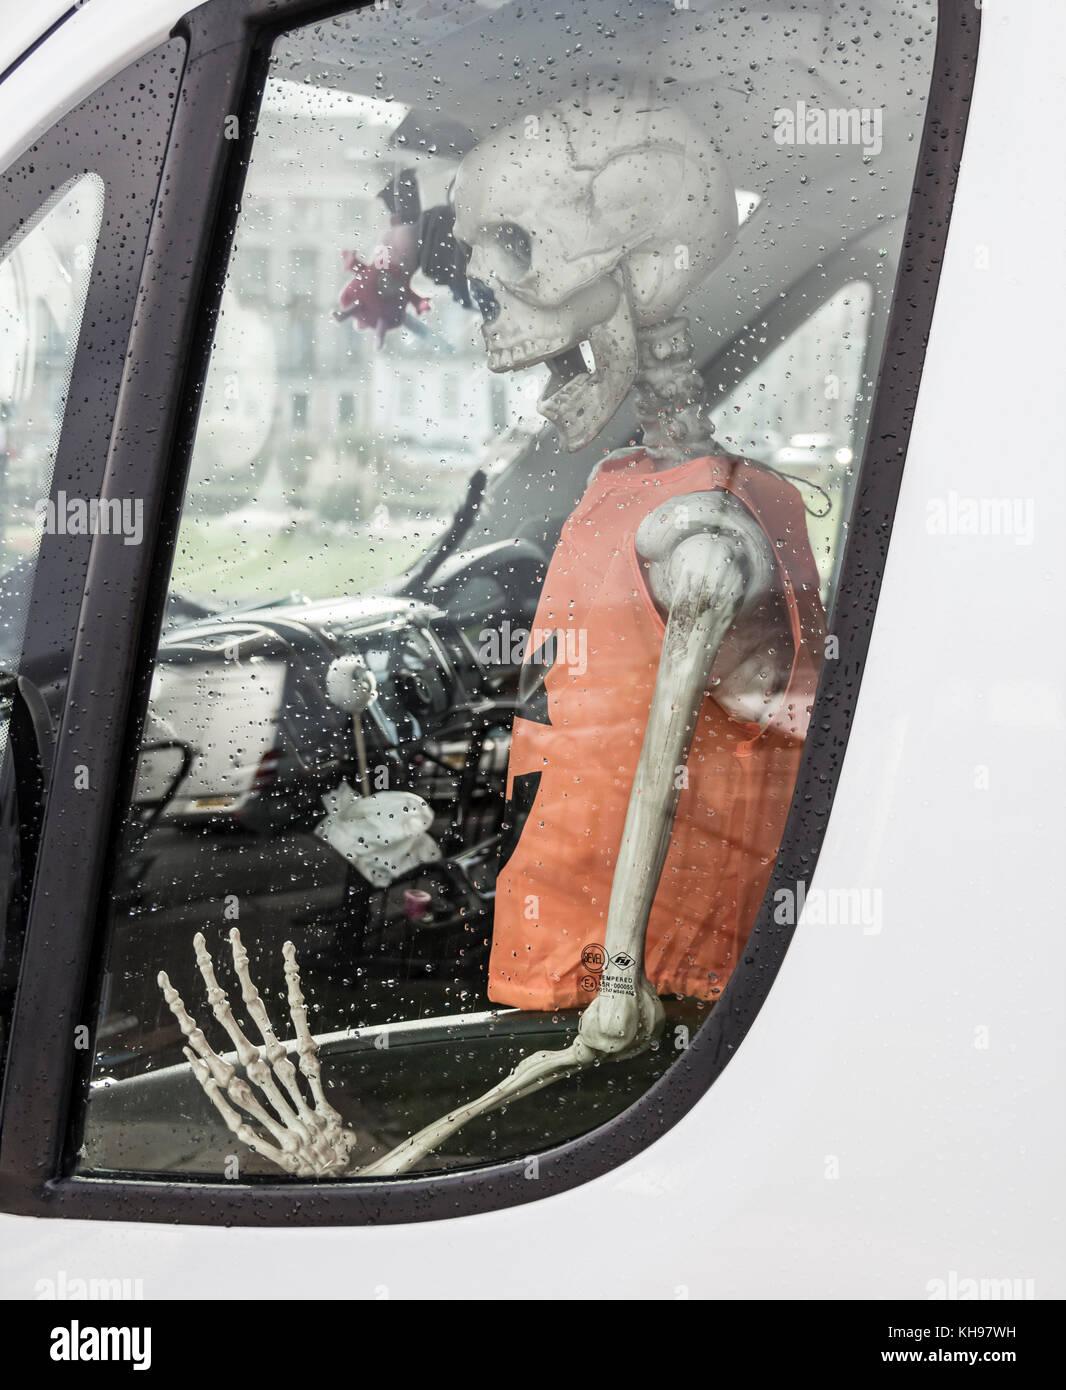 Skeleton in passenger seat of parked van. - Stock Image